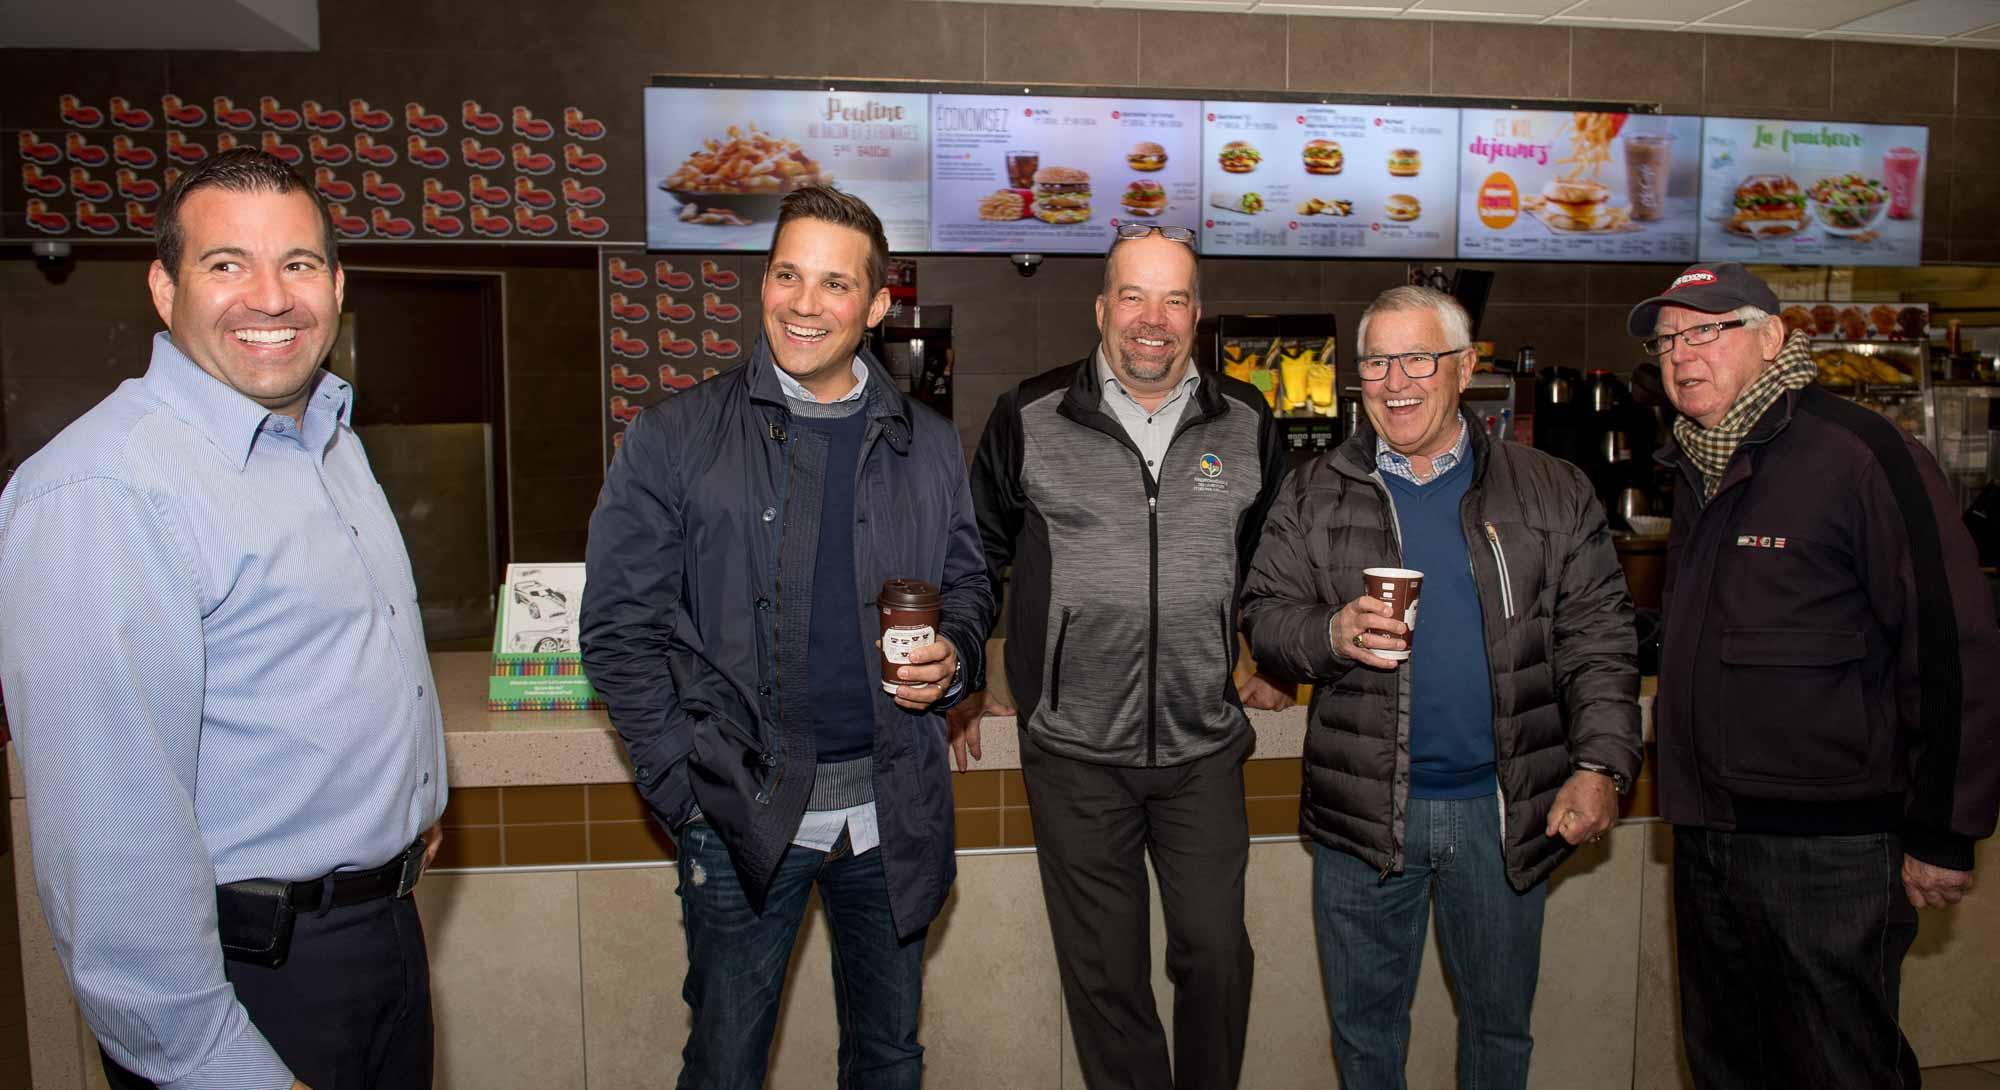 Éric Courville, superviseur des McDonald's du Nord, Louis Jean de TVA Sports, Martin Lavallée de l'Hôtel du Mont Gabriel et membre du conseil de la Fondation médicale, Michel Bergeron de TVA Sports et le maire de Prévost Germain Richer, au restaurant de la Porte du Nord.